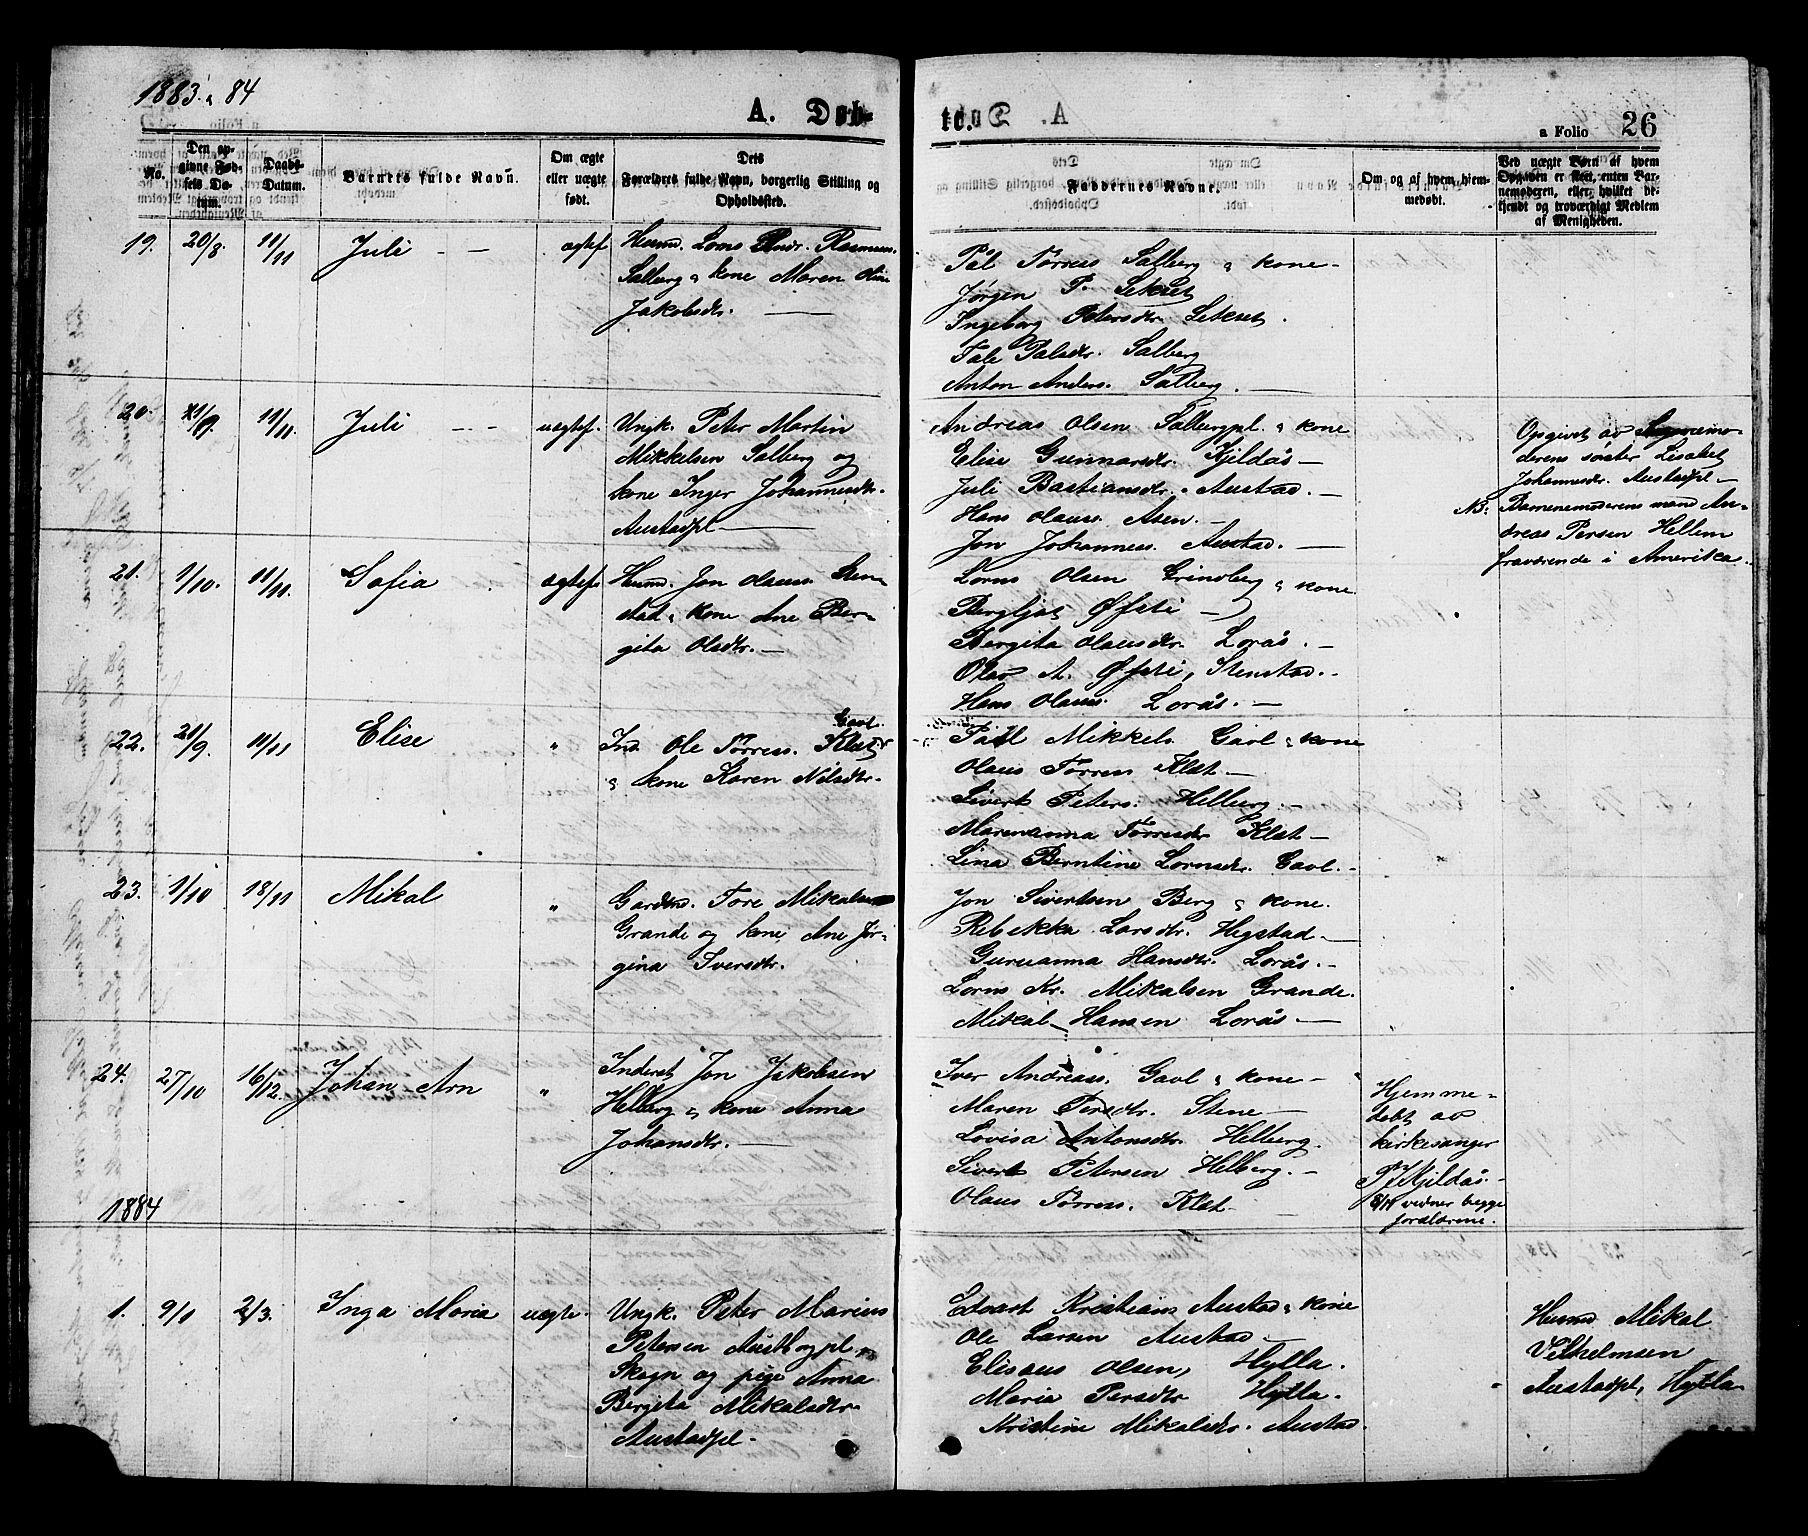 SAT, Ministerialprotokoller, klokkerbøker og fødselsregistre - Nord-Trøndelag, 731/L0311: Klokkerbok nr. 731C02, 1875-1911, s. 26